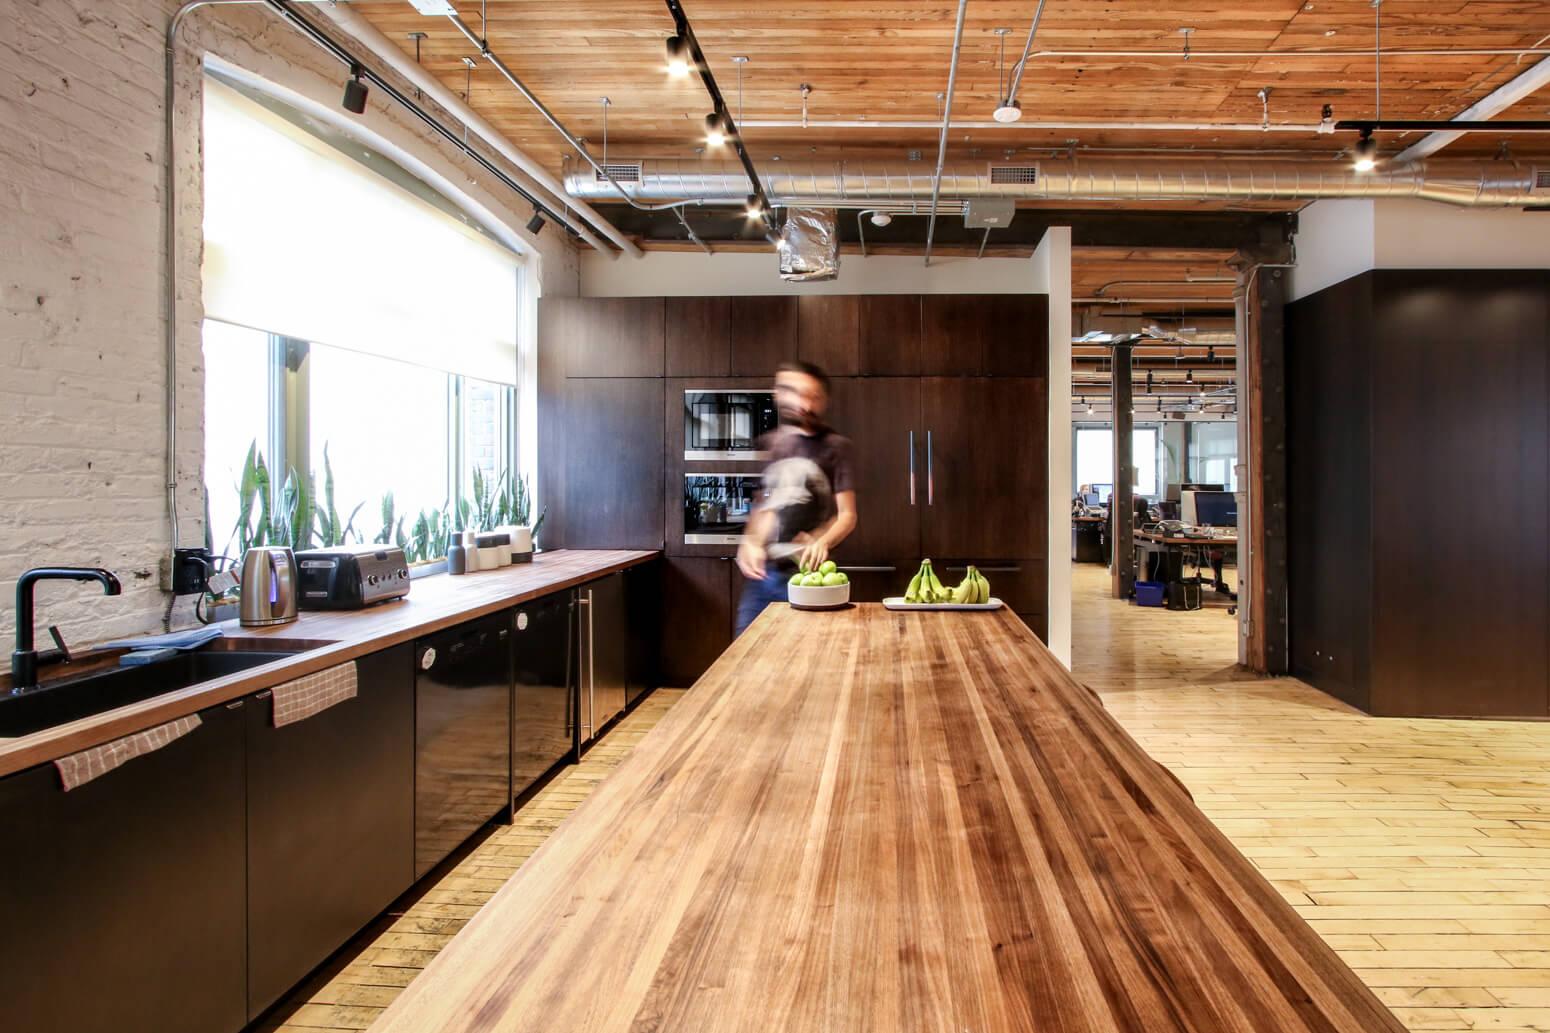 Wealthsimple_Office_KillerSpaces-5